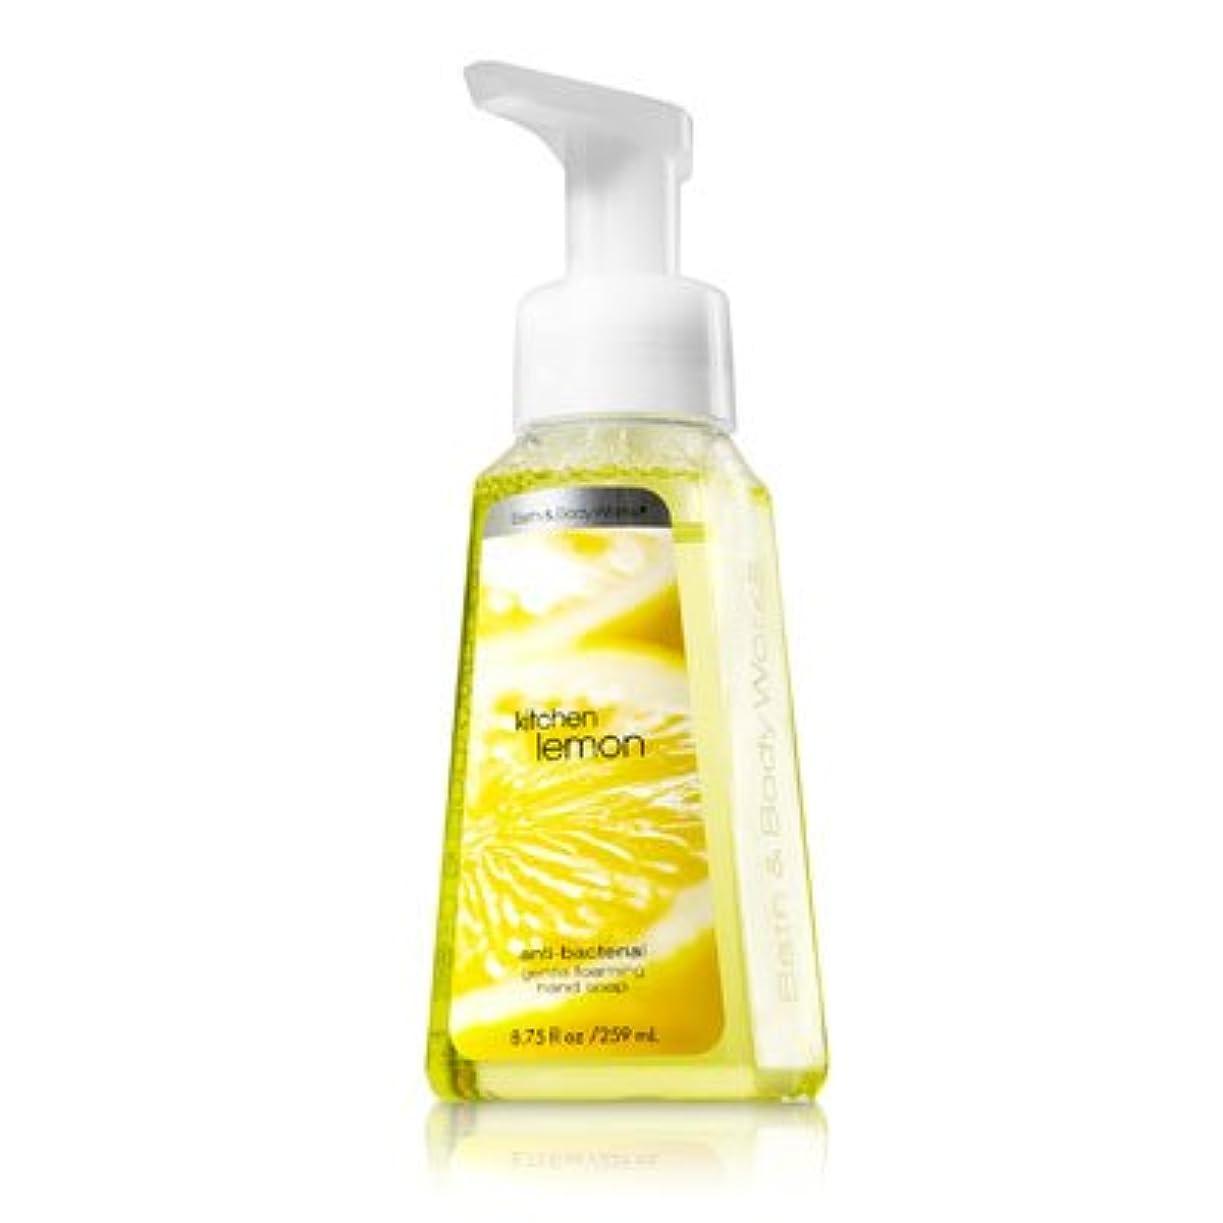 置換五十汚染されたバス&ボディワークス キッチンレモン ジェントル フォーミング ハンドソープ Kitchen Lemon Gentle Foaming Hand Soap【並行輸入品】